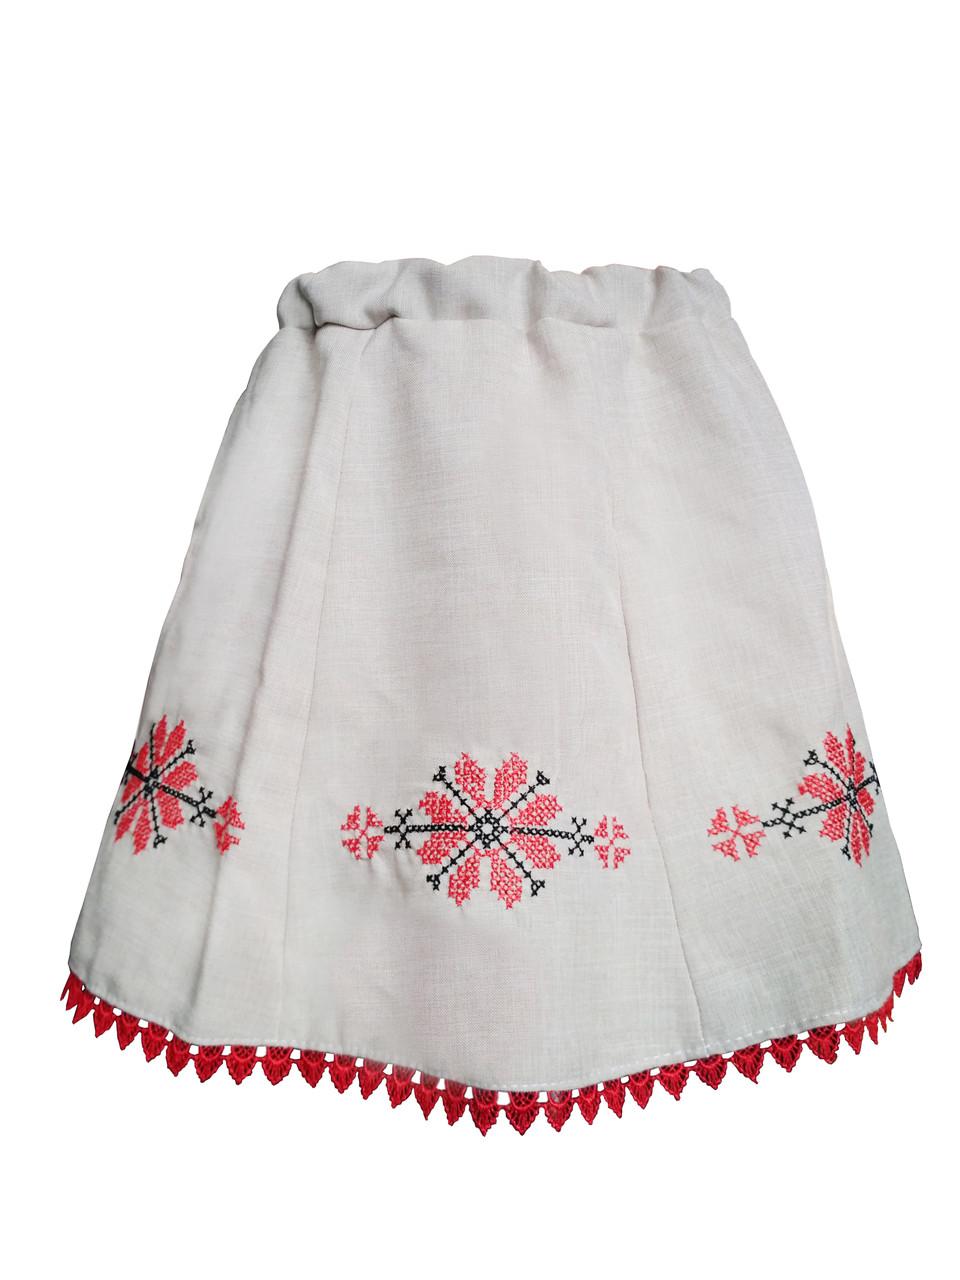 Лляна вишита спідниця для дівчинки в українському стилі